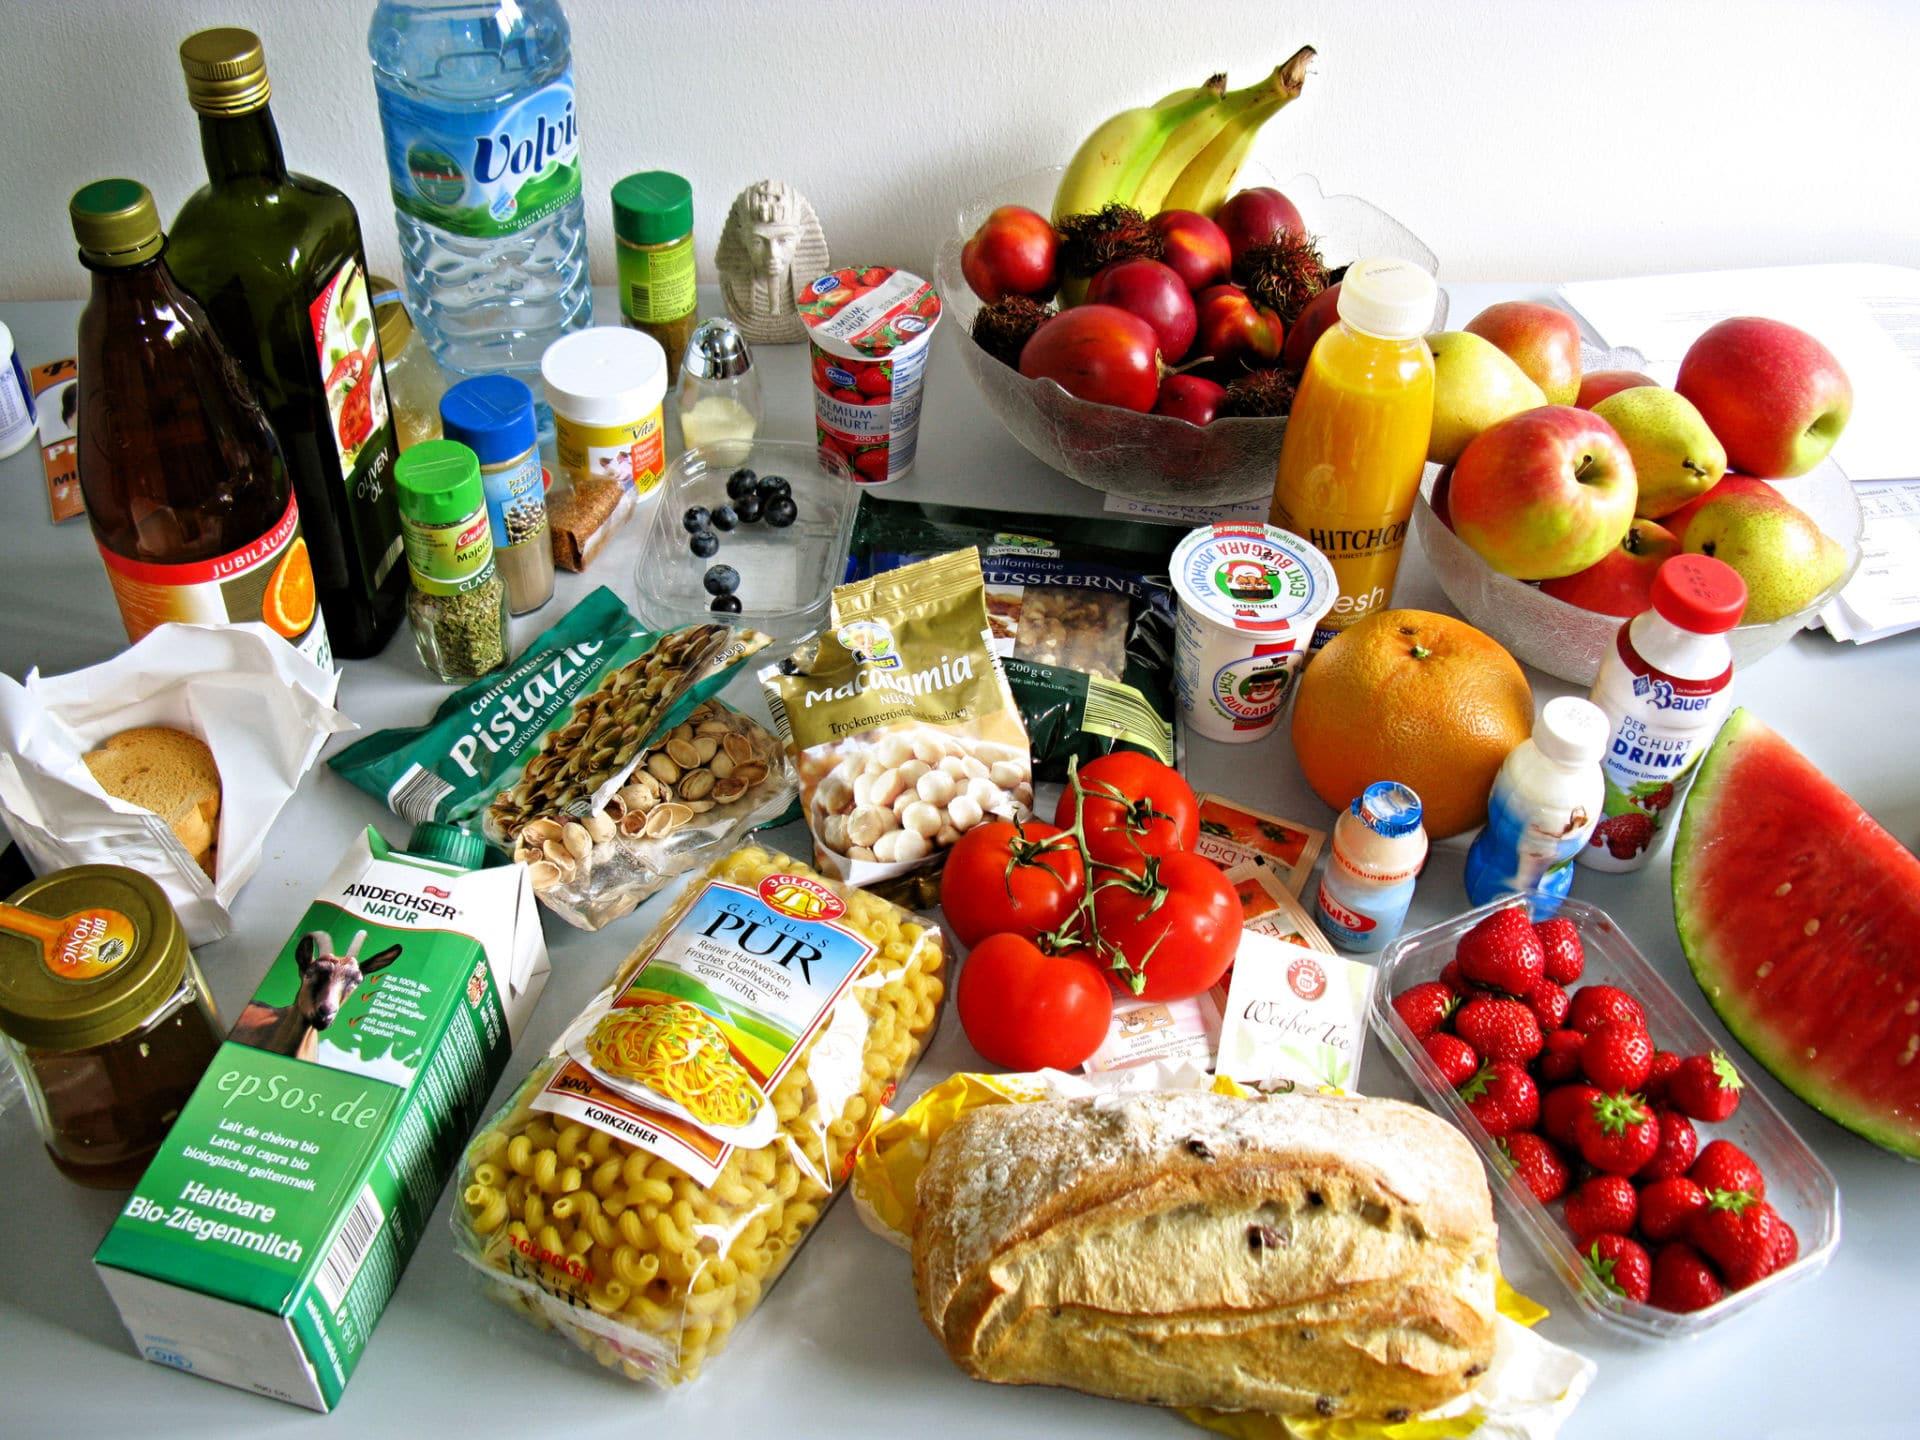 Zdravé potraviny na hubnutí v českých supermarketech | painandgain.cz